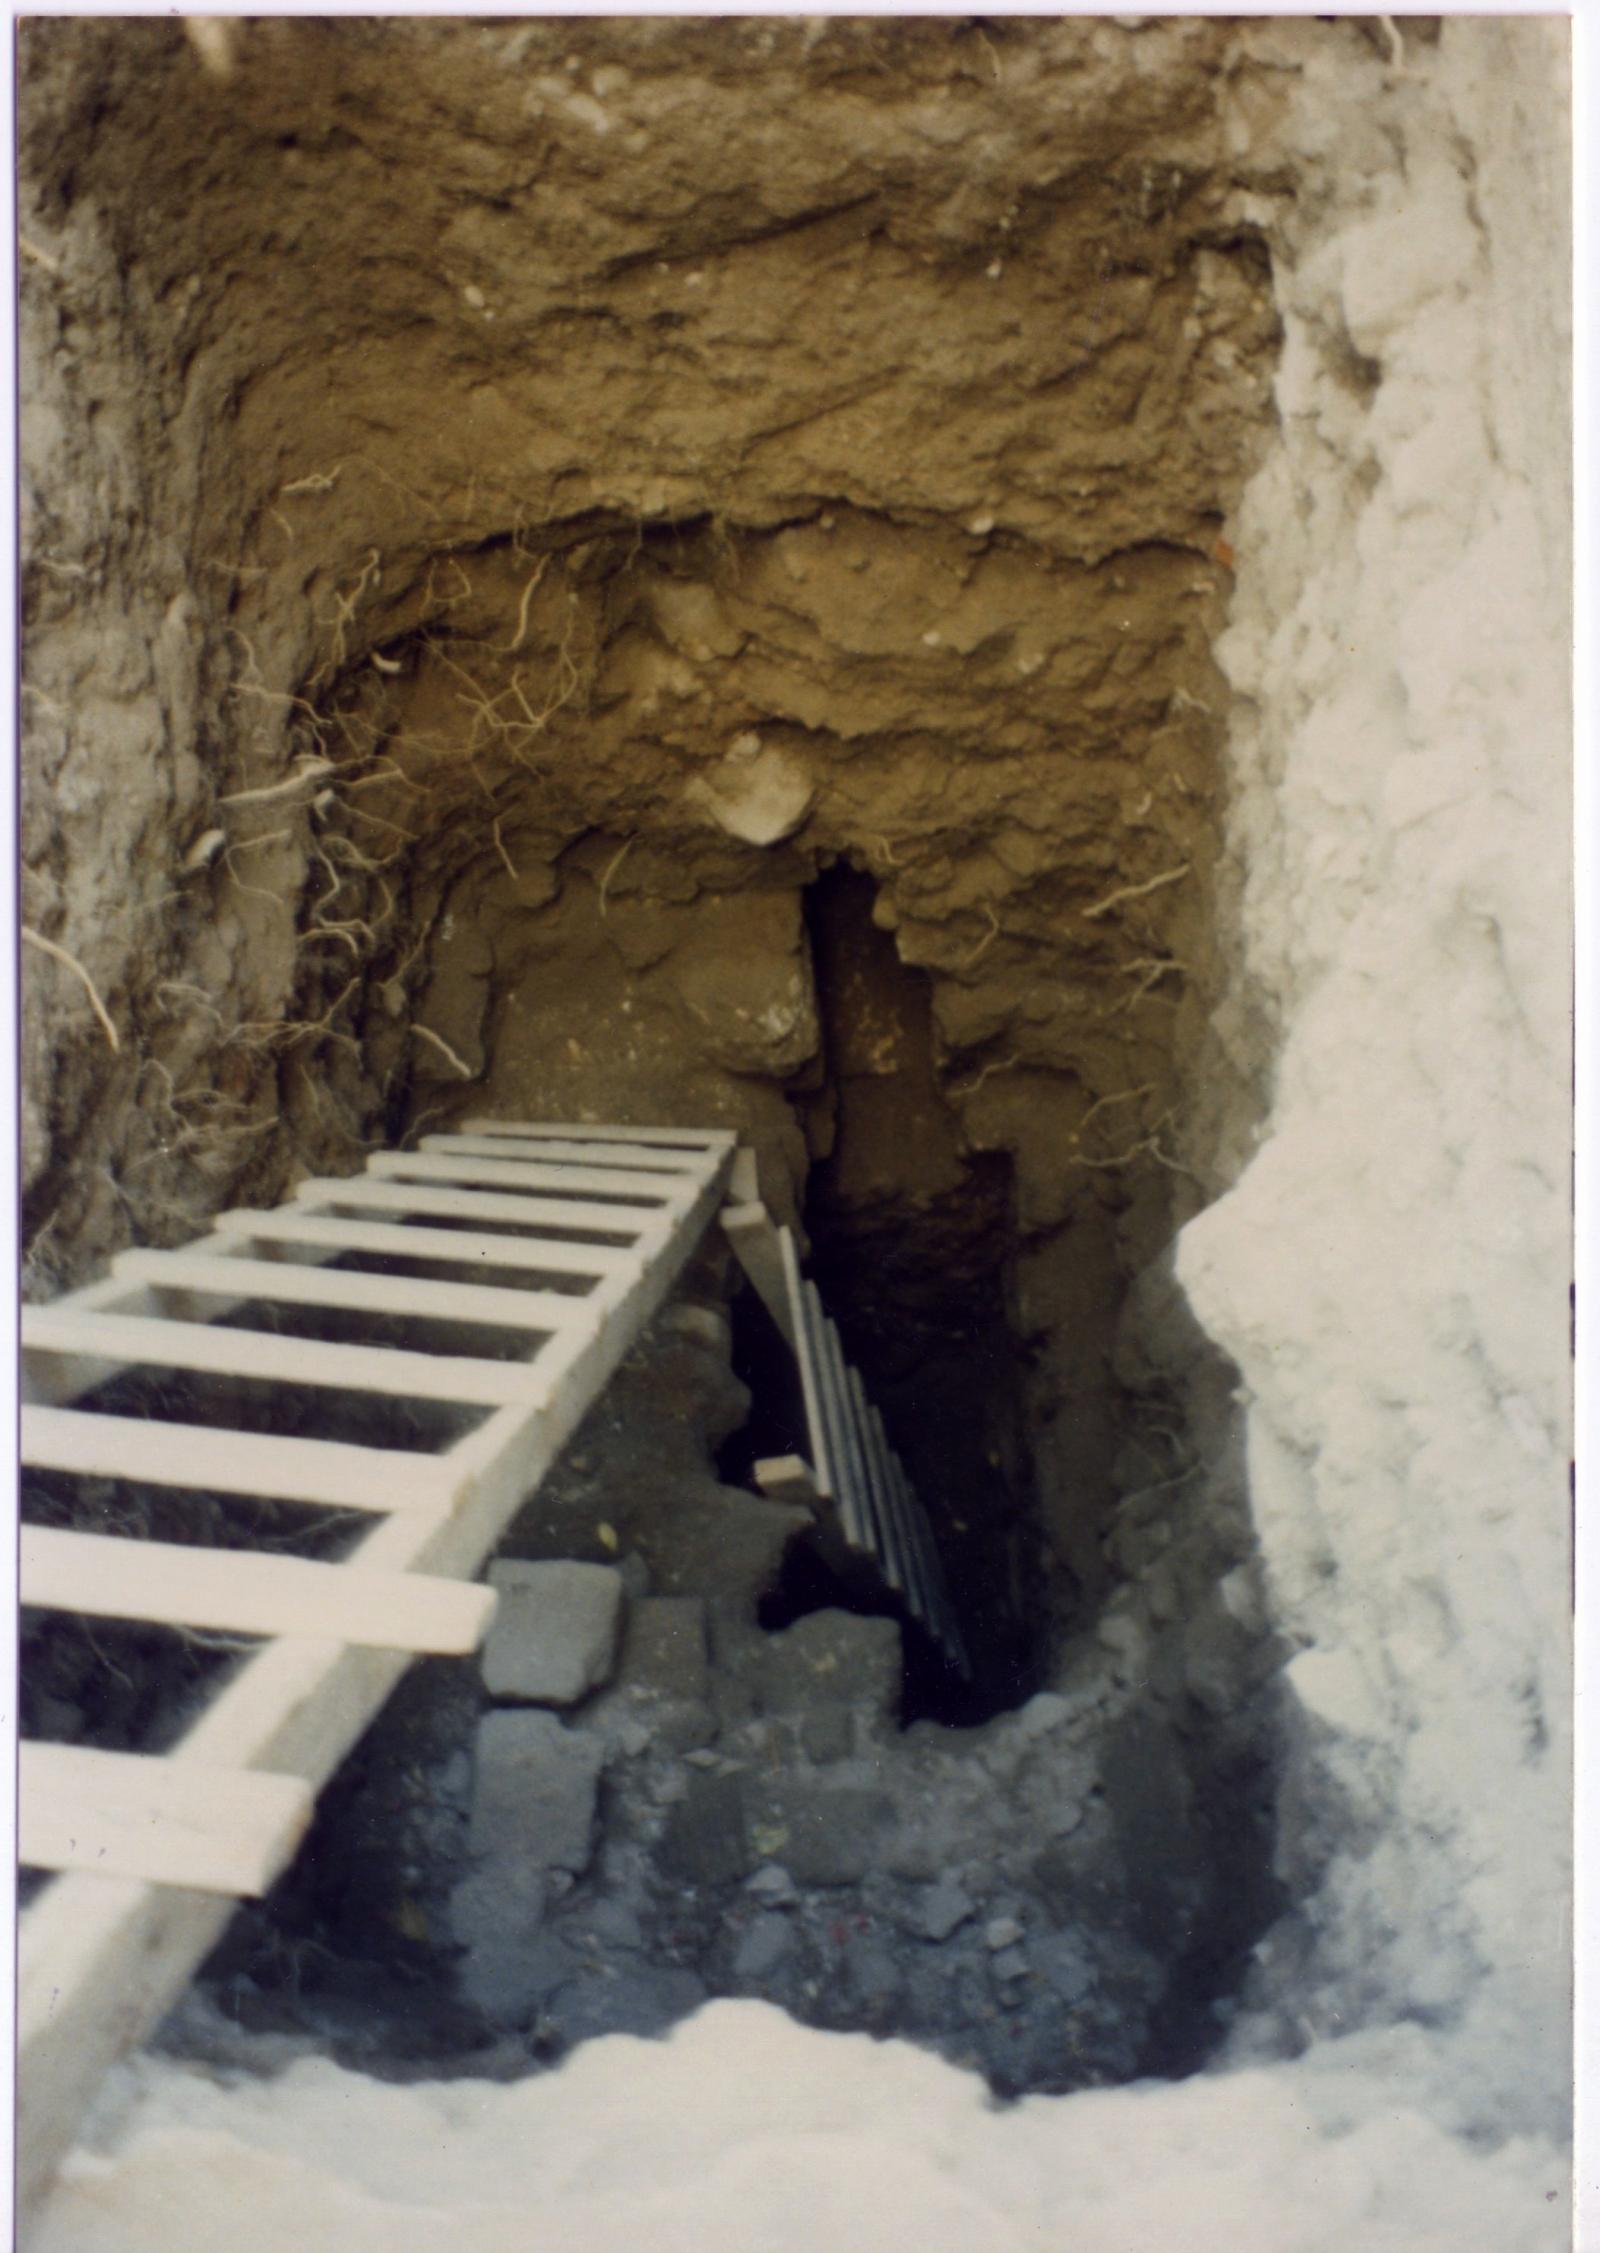 medieval cesspit in Jerusalem